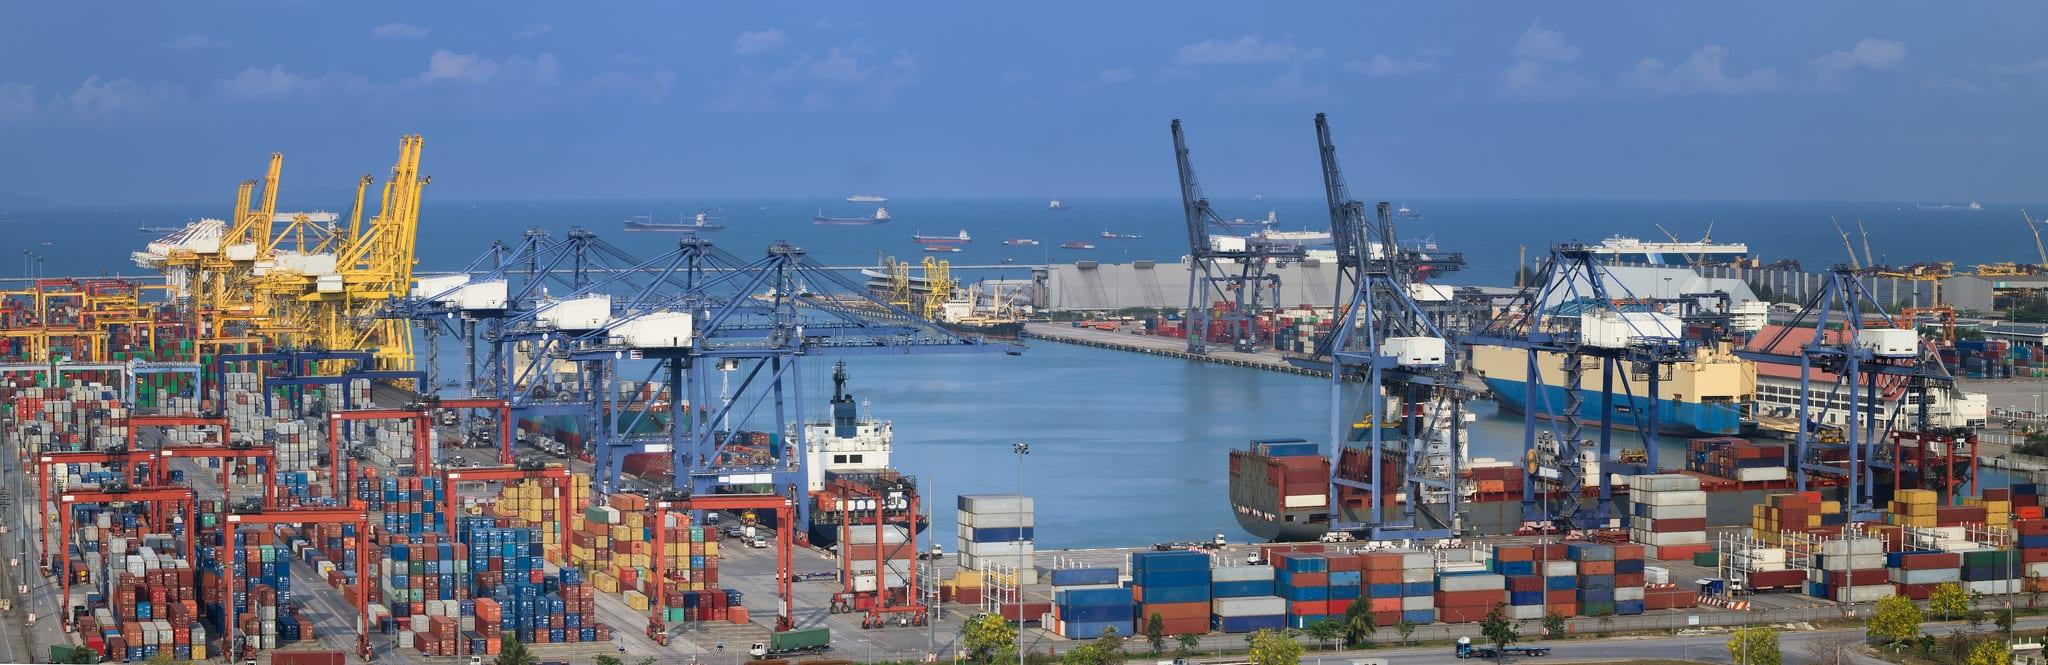 Транспортный комплекс в современной мировой экономике Личный  Транспортный комплекс в современной мировой экономике